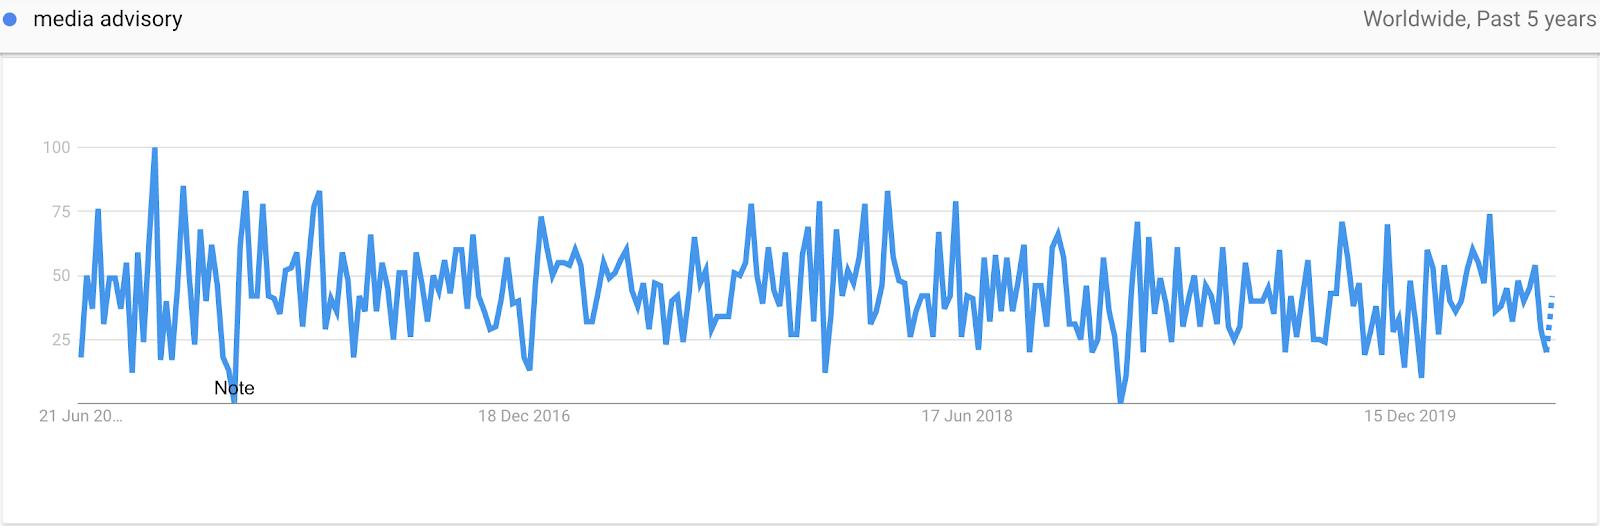 Interest for Media Advisory On Google Trends